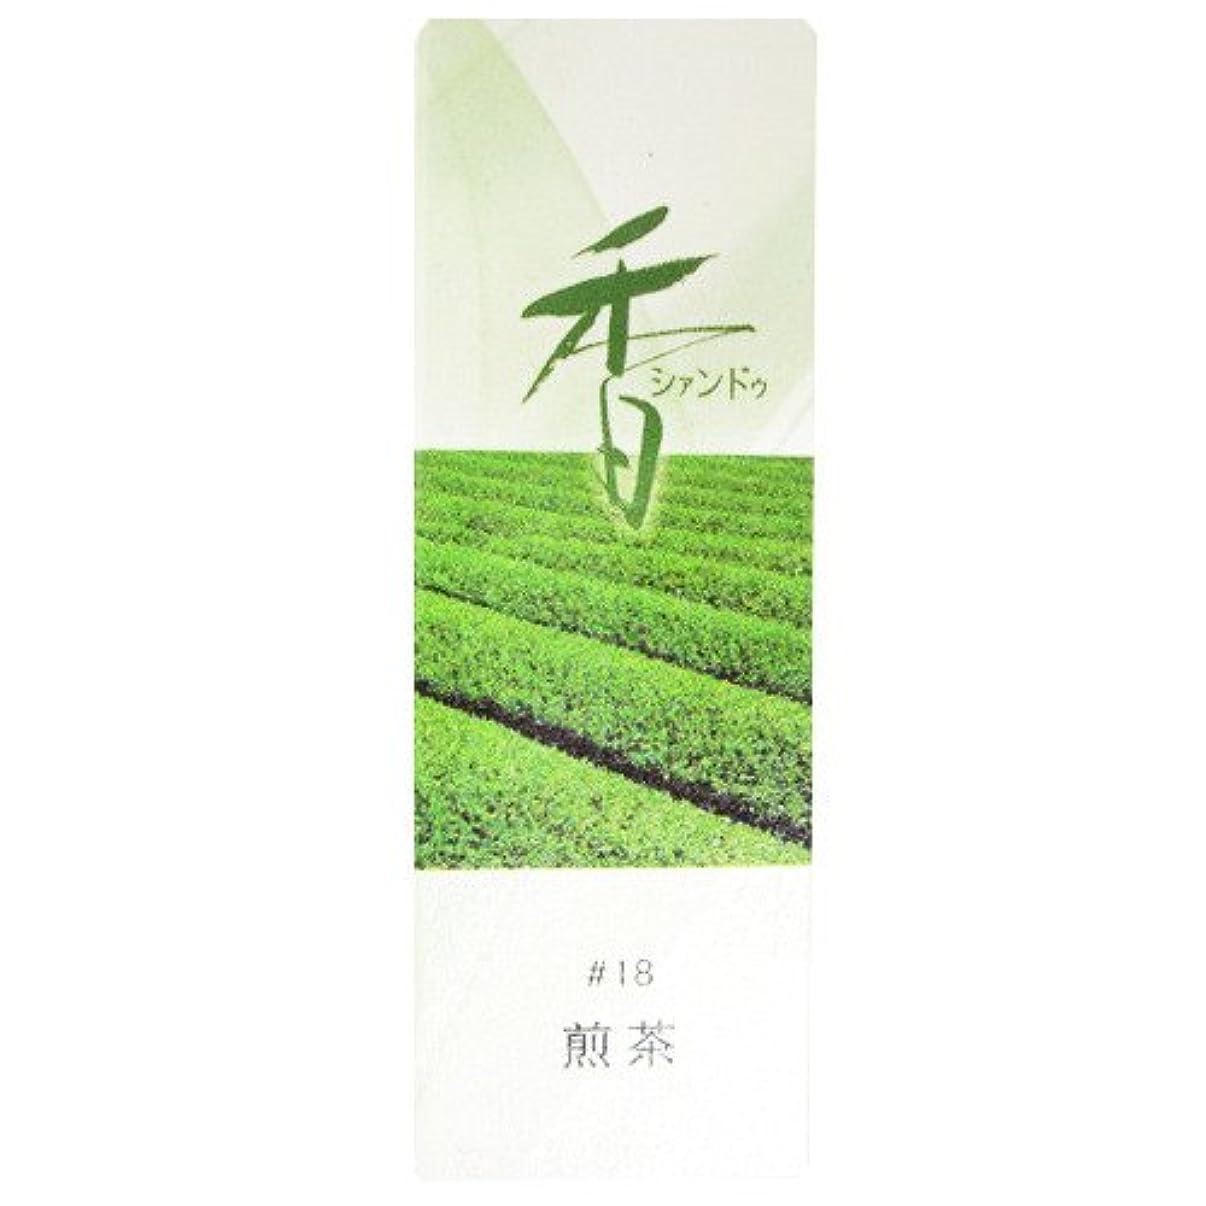 専門化する集団的名詞松栄堂のお香 Xiang Do(シャンドゥ) 煎茶 ST20本入 簡易香立付 #214218